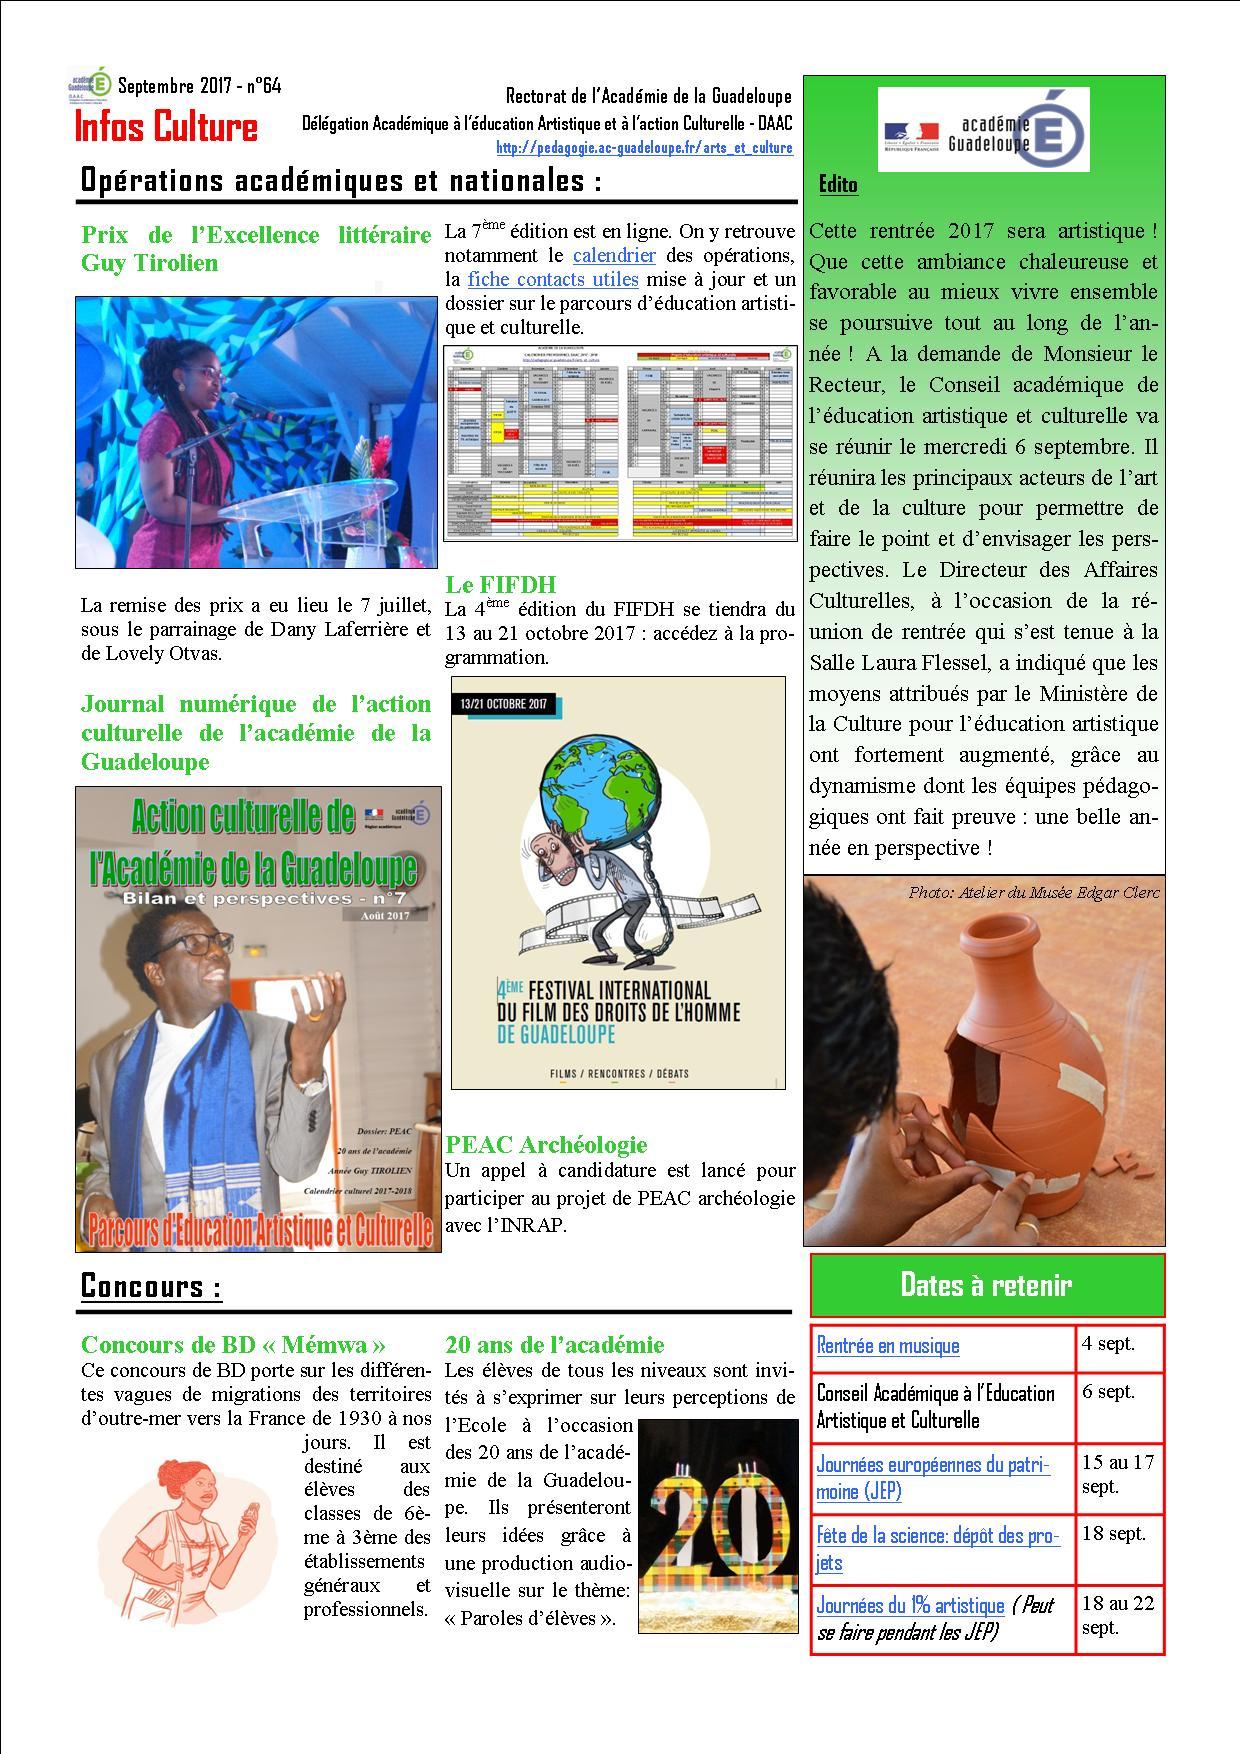 Lettre Infos Culture de septembre 2017